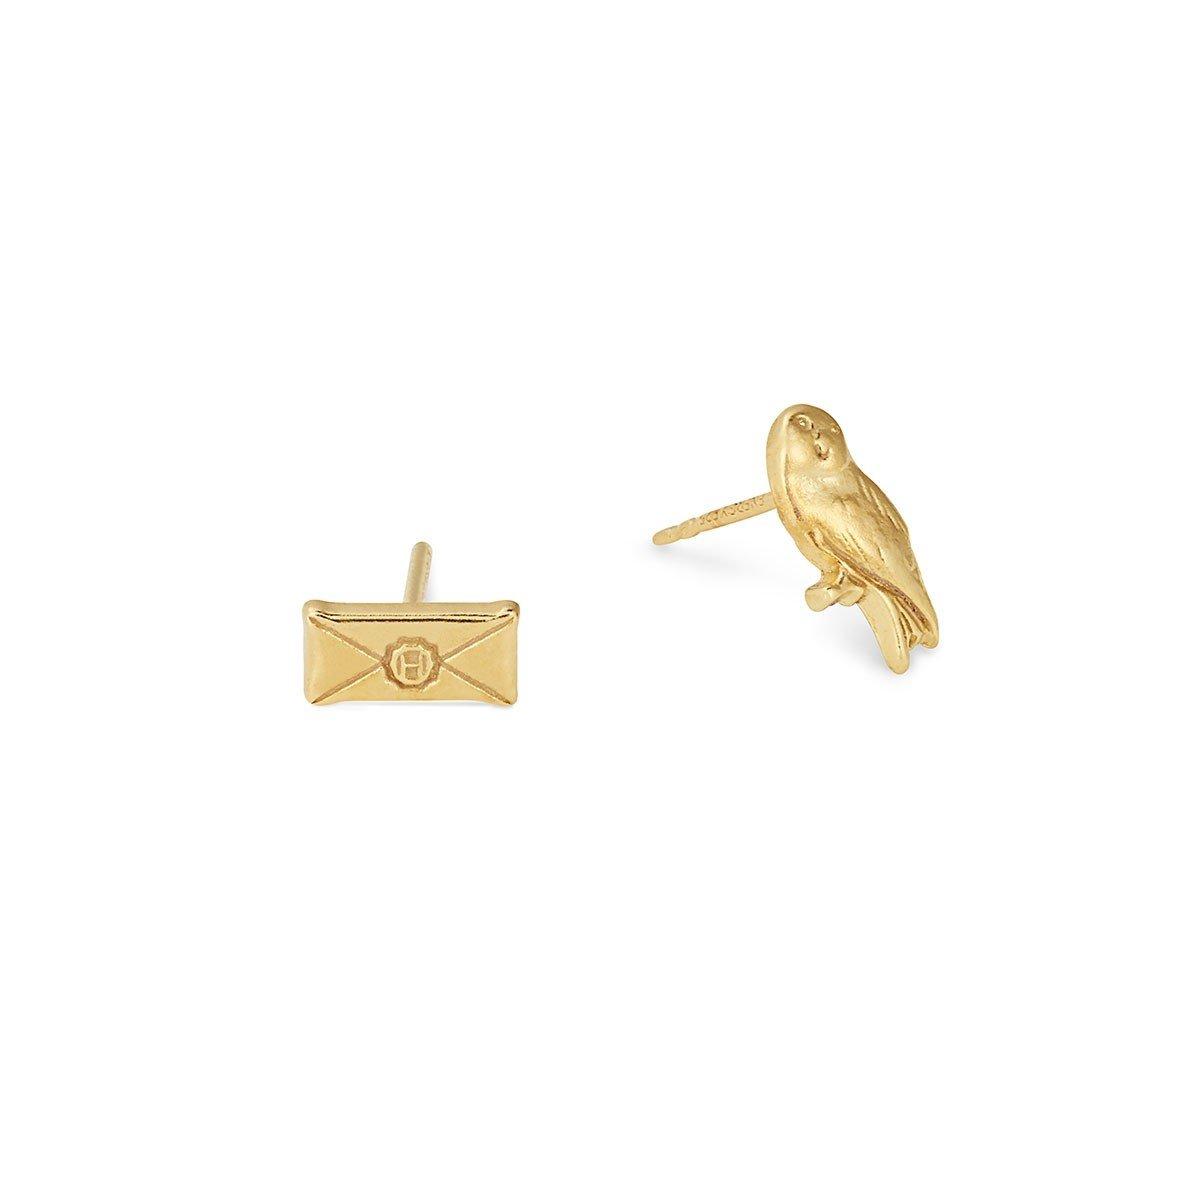 1200x1200 Harry Potter Owl Post Earrings In Sterling Silver Alex